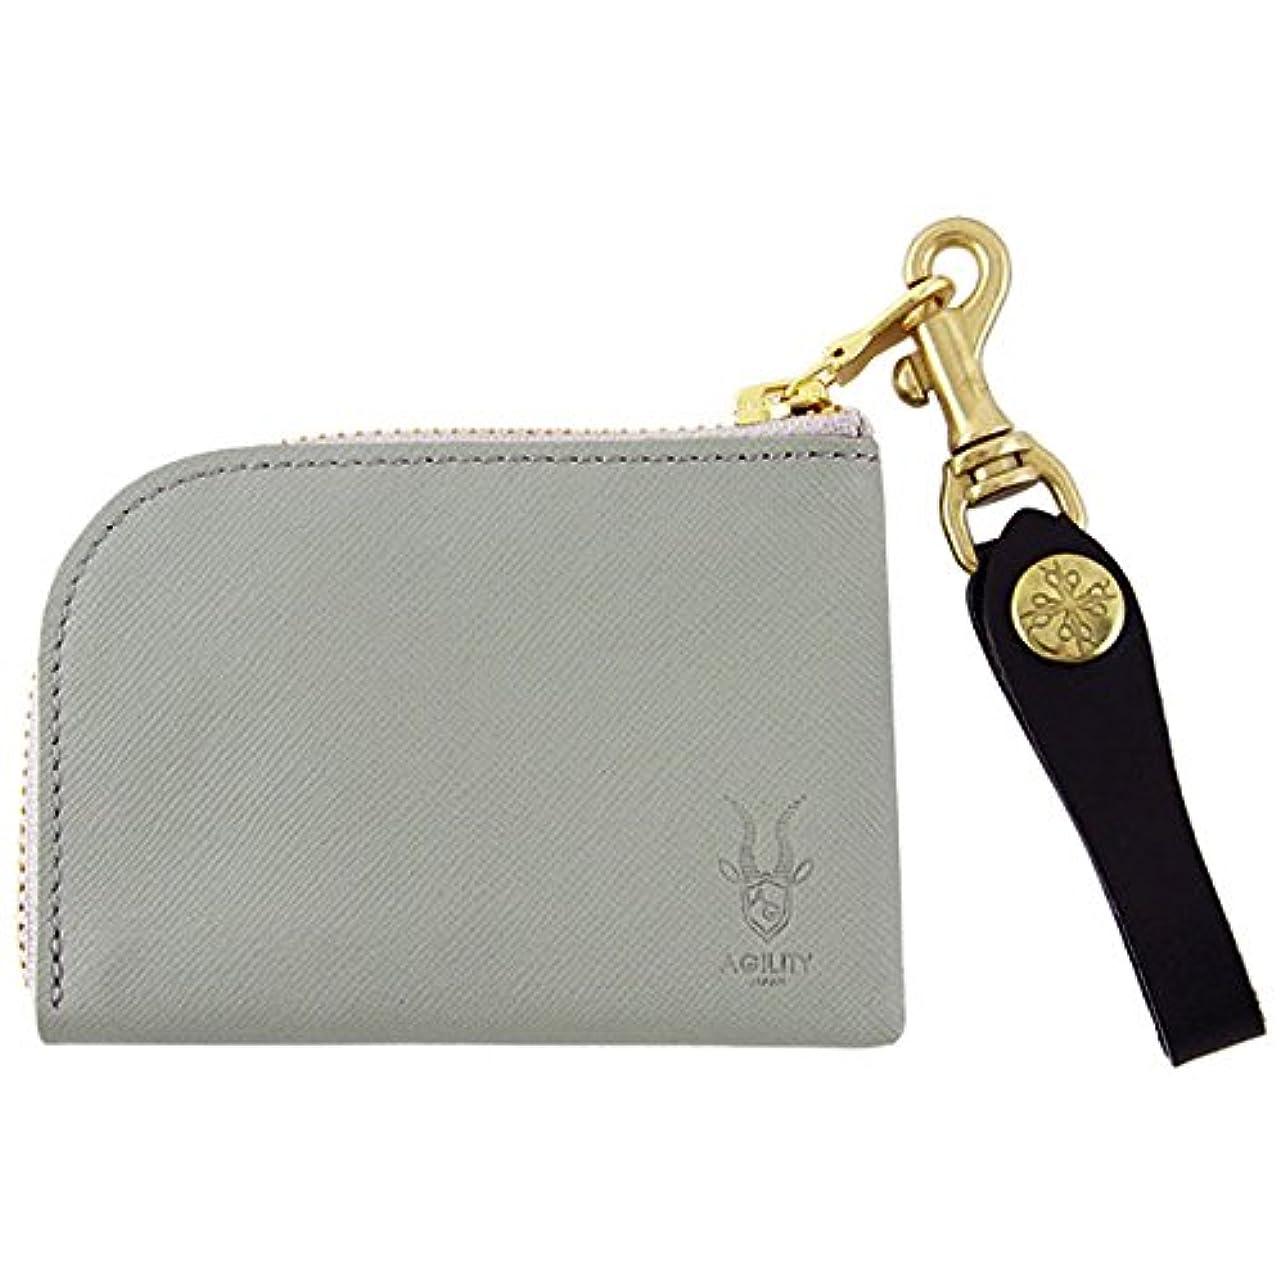 段階顕現アルコーブアジリティ プレミオSG アルジャン L型財布 Agility 革のコインケース L字ファスナー 日本製 ライトグレー